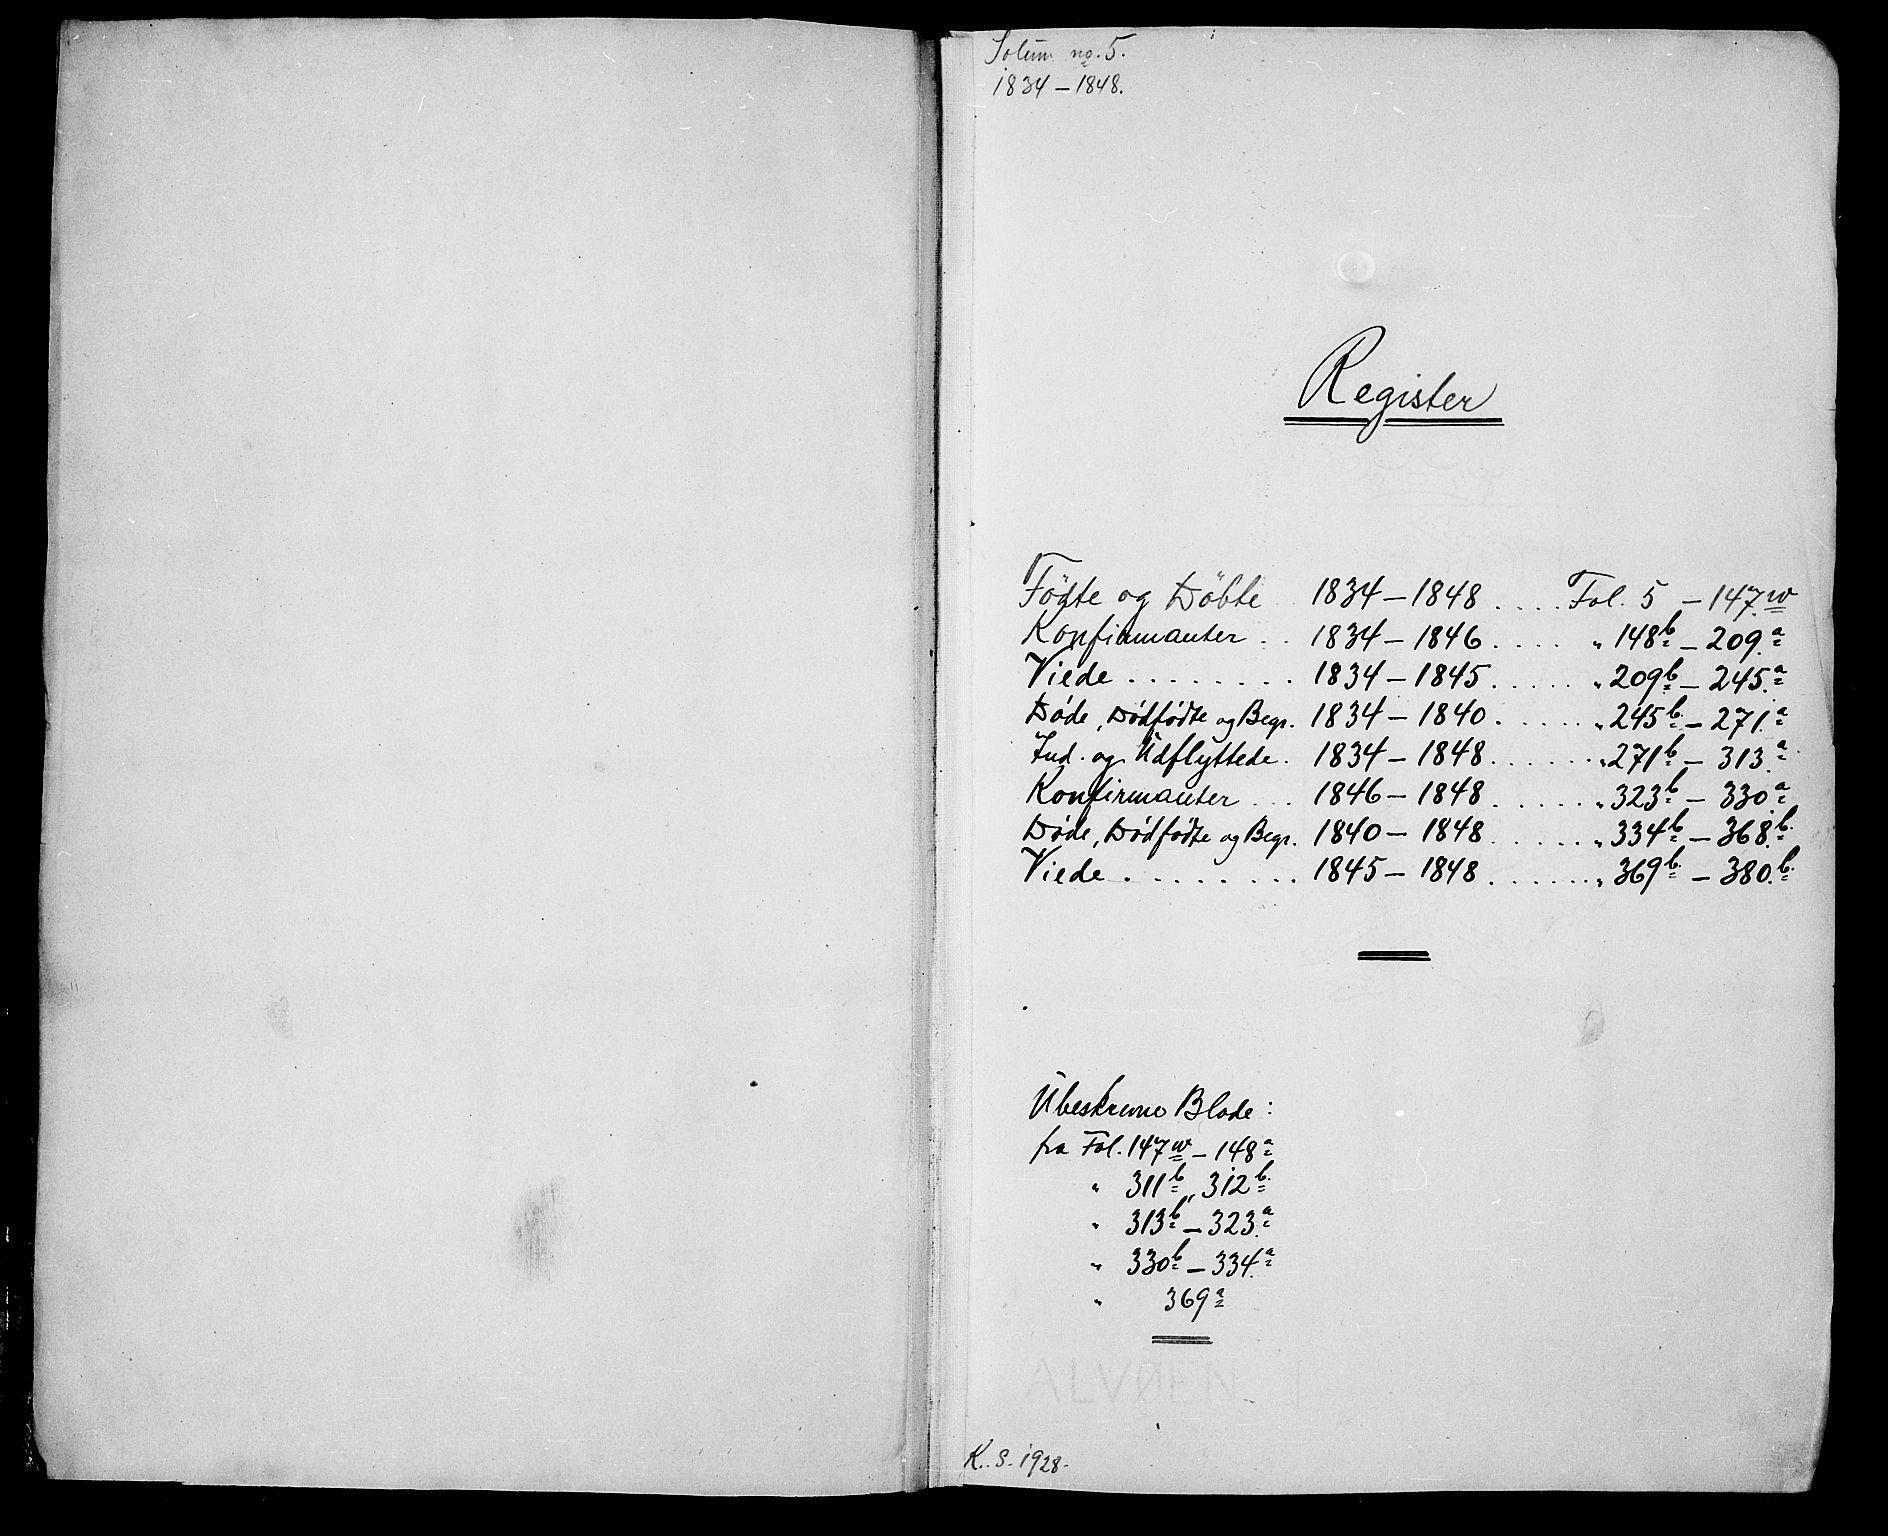 SAKO, Solum kirkebøker, G/Ga/L0002: Klokkerbok nr. I 2, 1834-1848